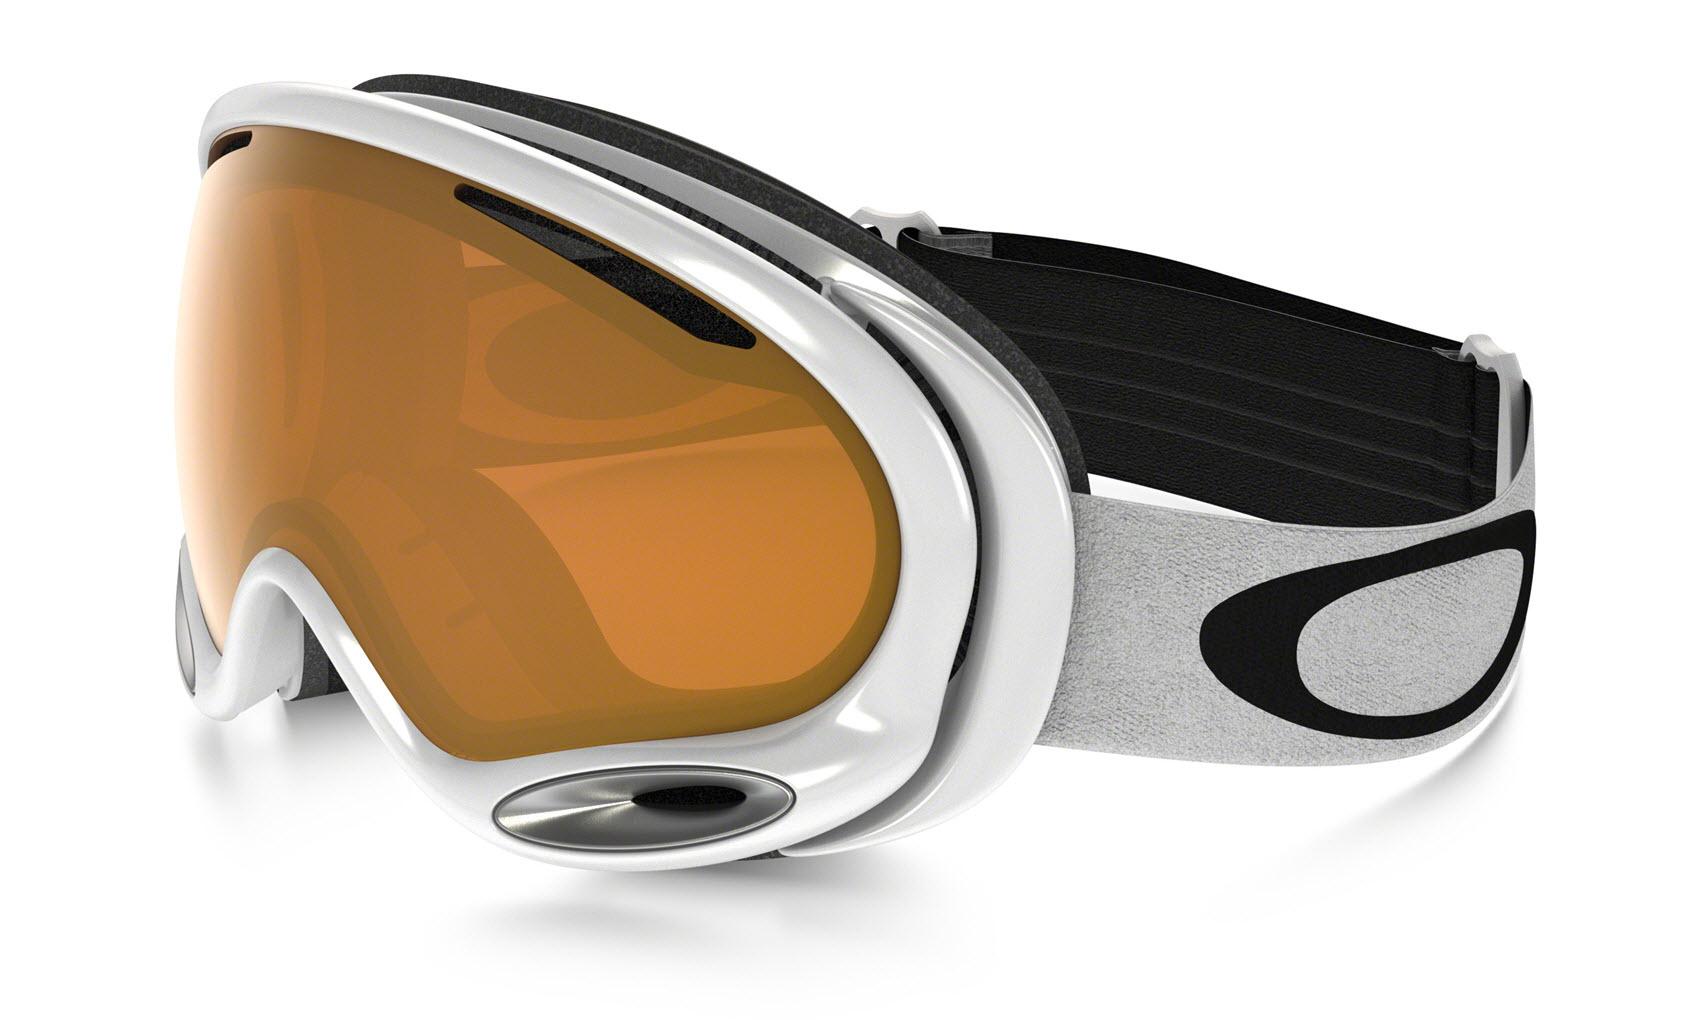 Oakley Goggles Unisex Ski Equipment Price Comparison